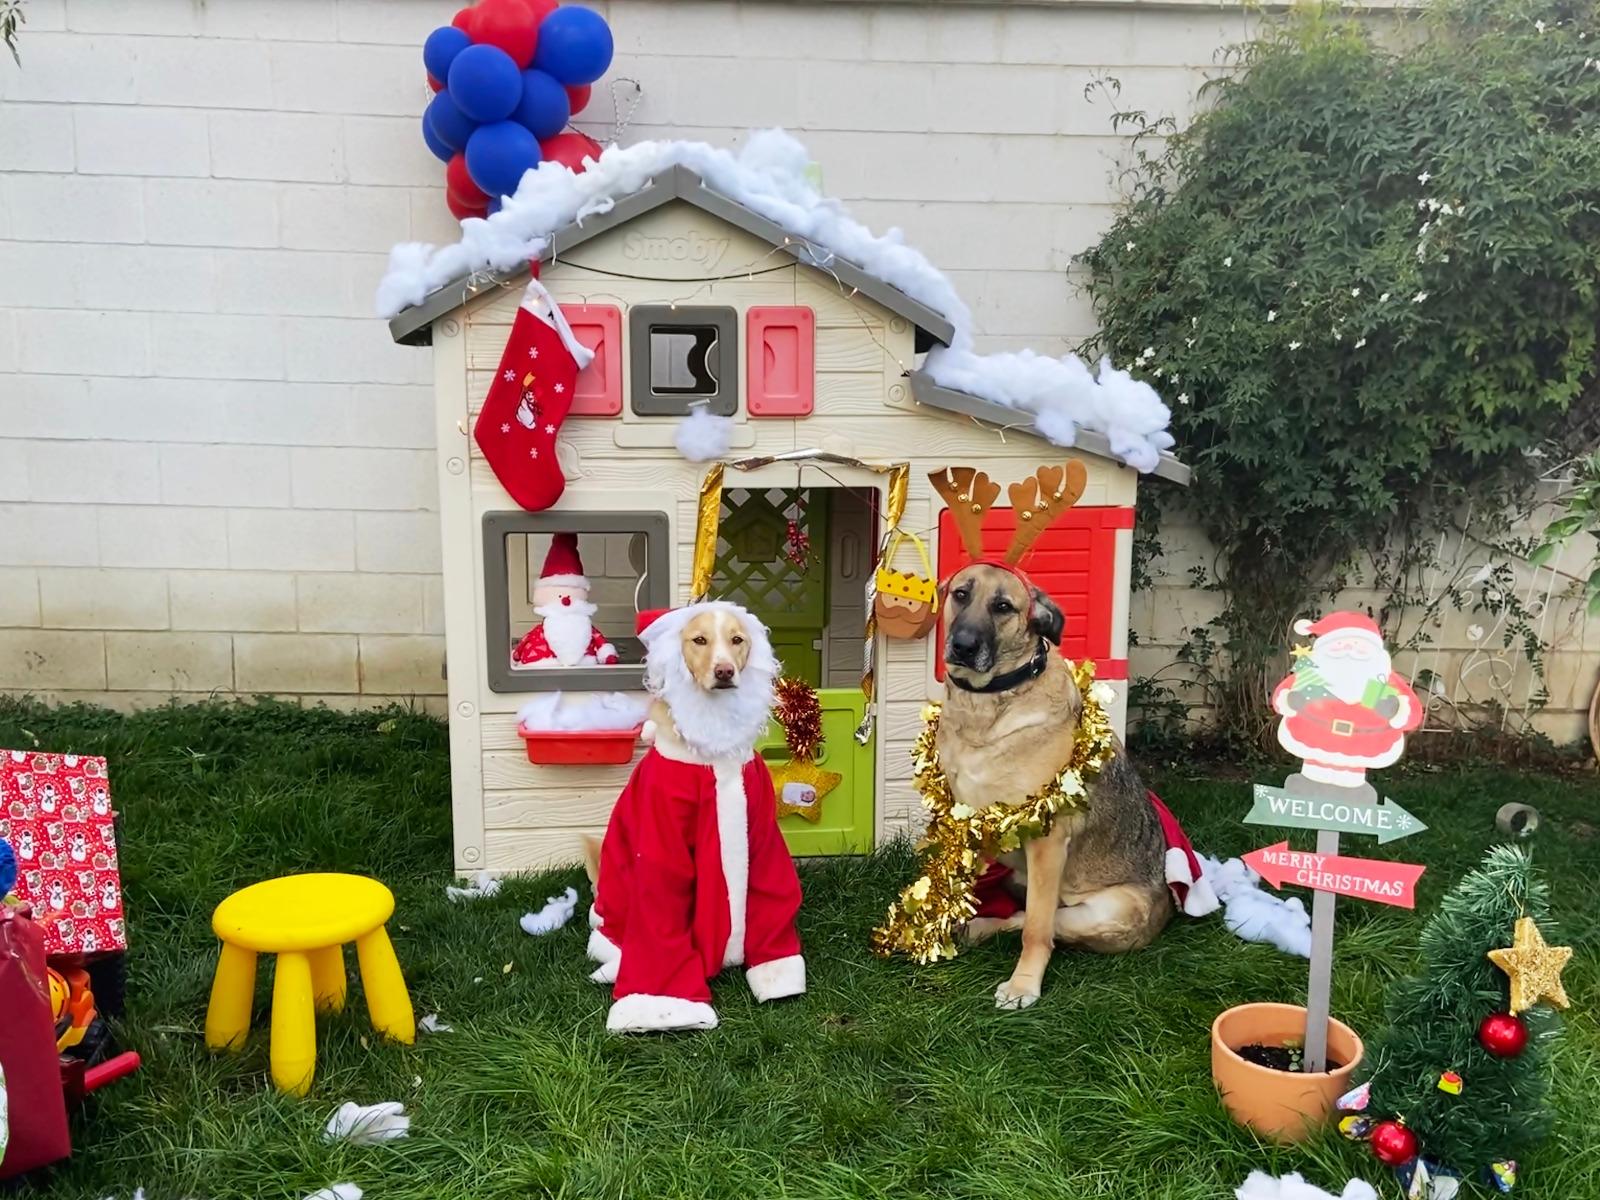 Una foto navideña de la perrita Pipa gana el I concurso de Christmas de Mascotas de Cúllar Vega